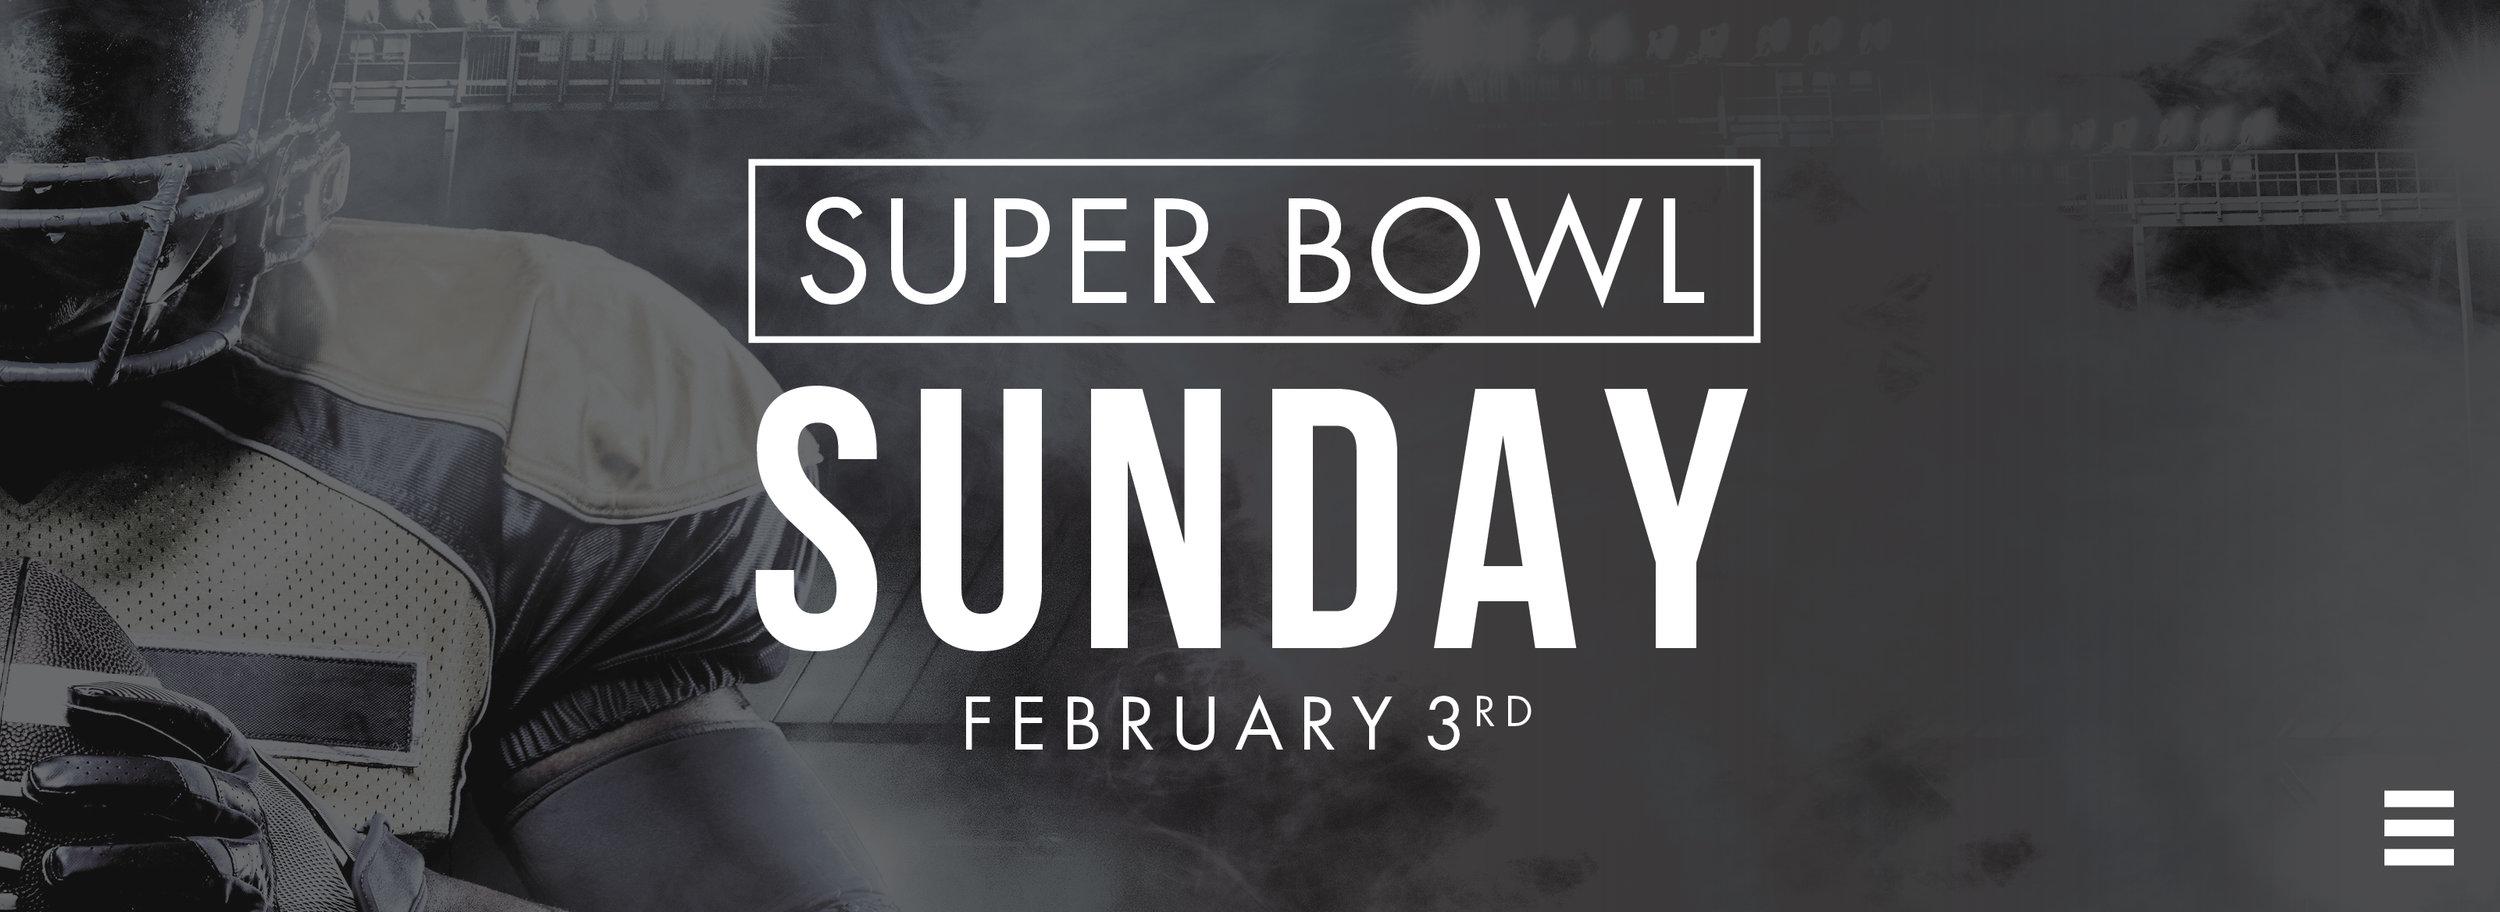 SuperBowl_Sunday_Banner.jpg